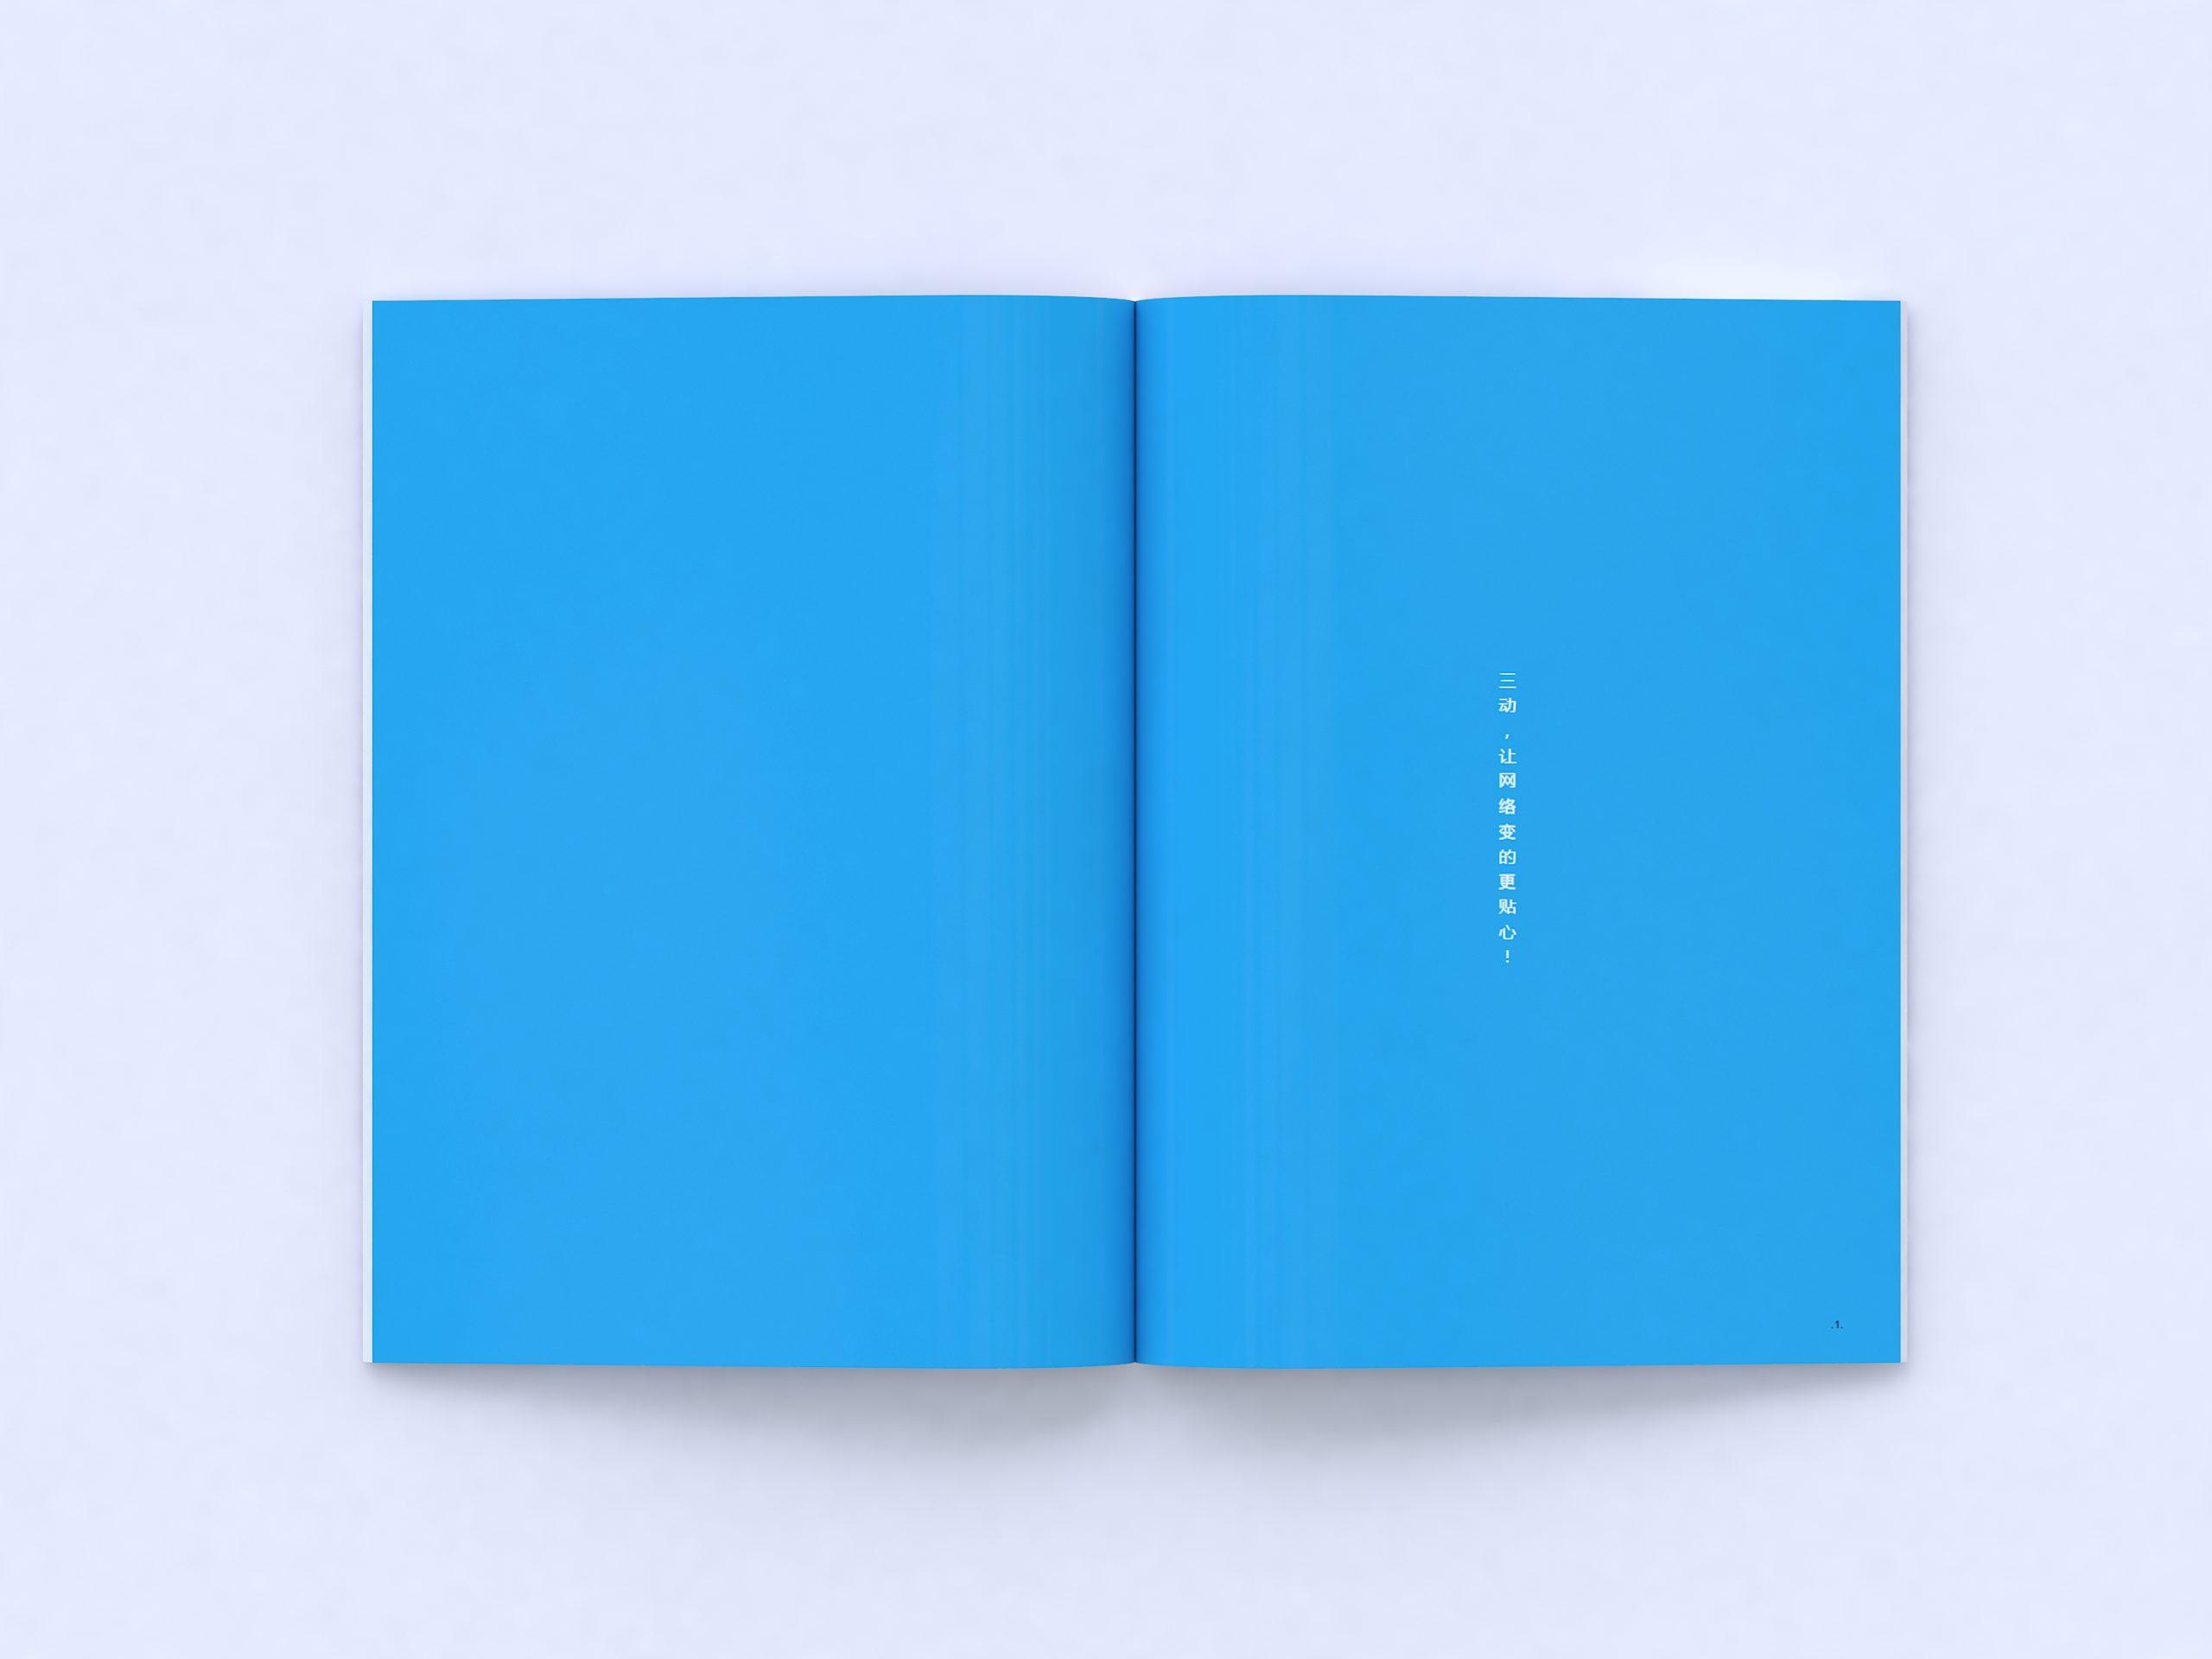 三动科技画册设计